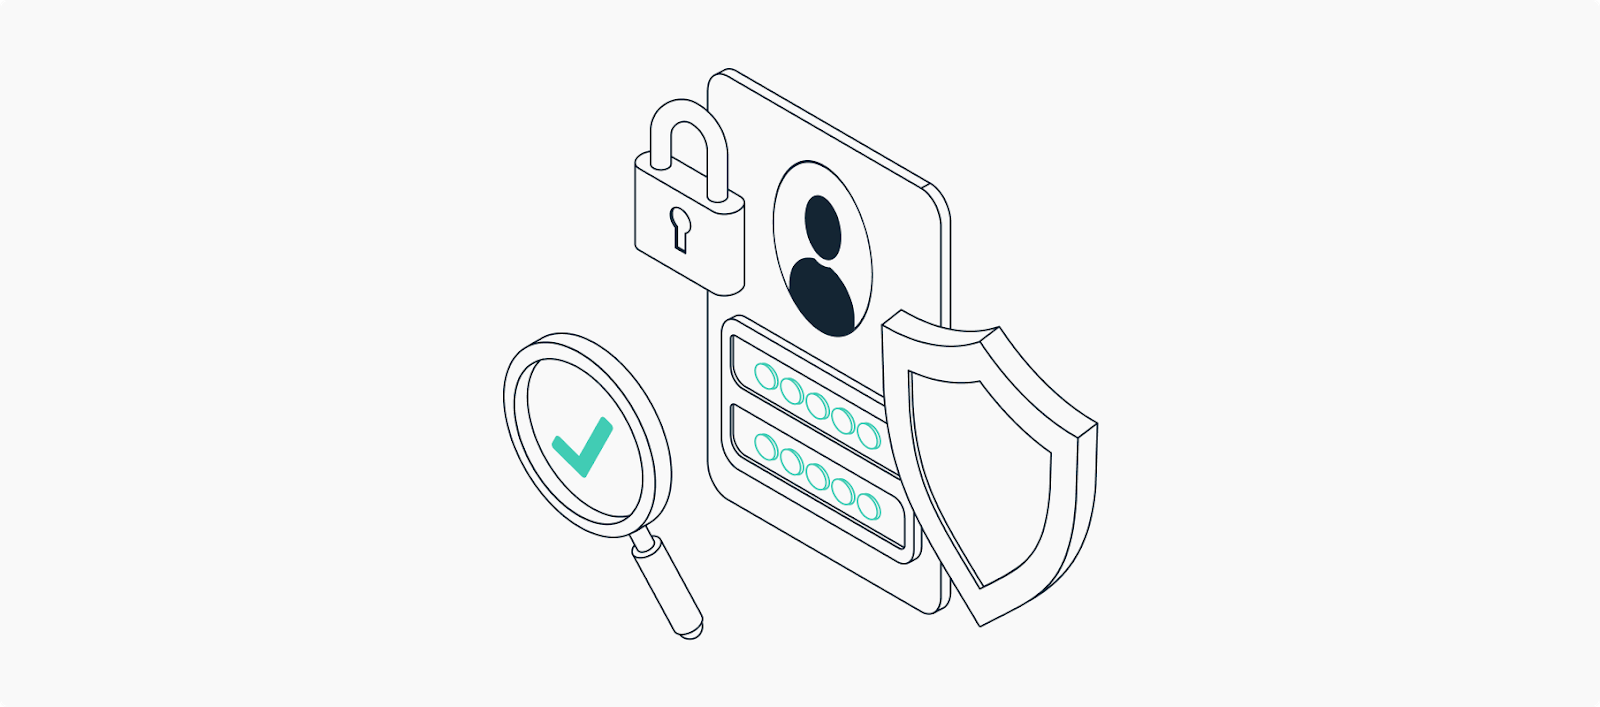 6 Möglichkeiten, der Datenpanne zu begegnen